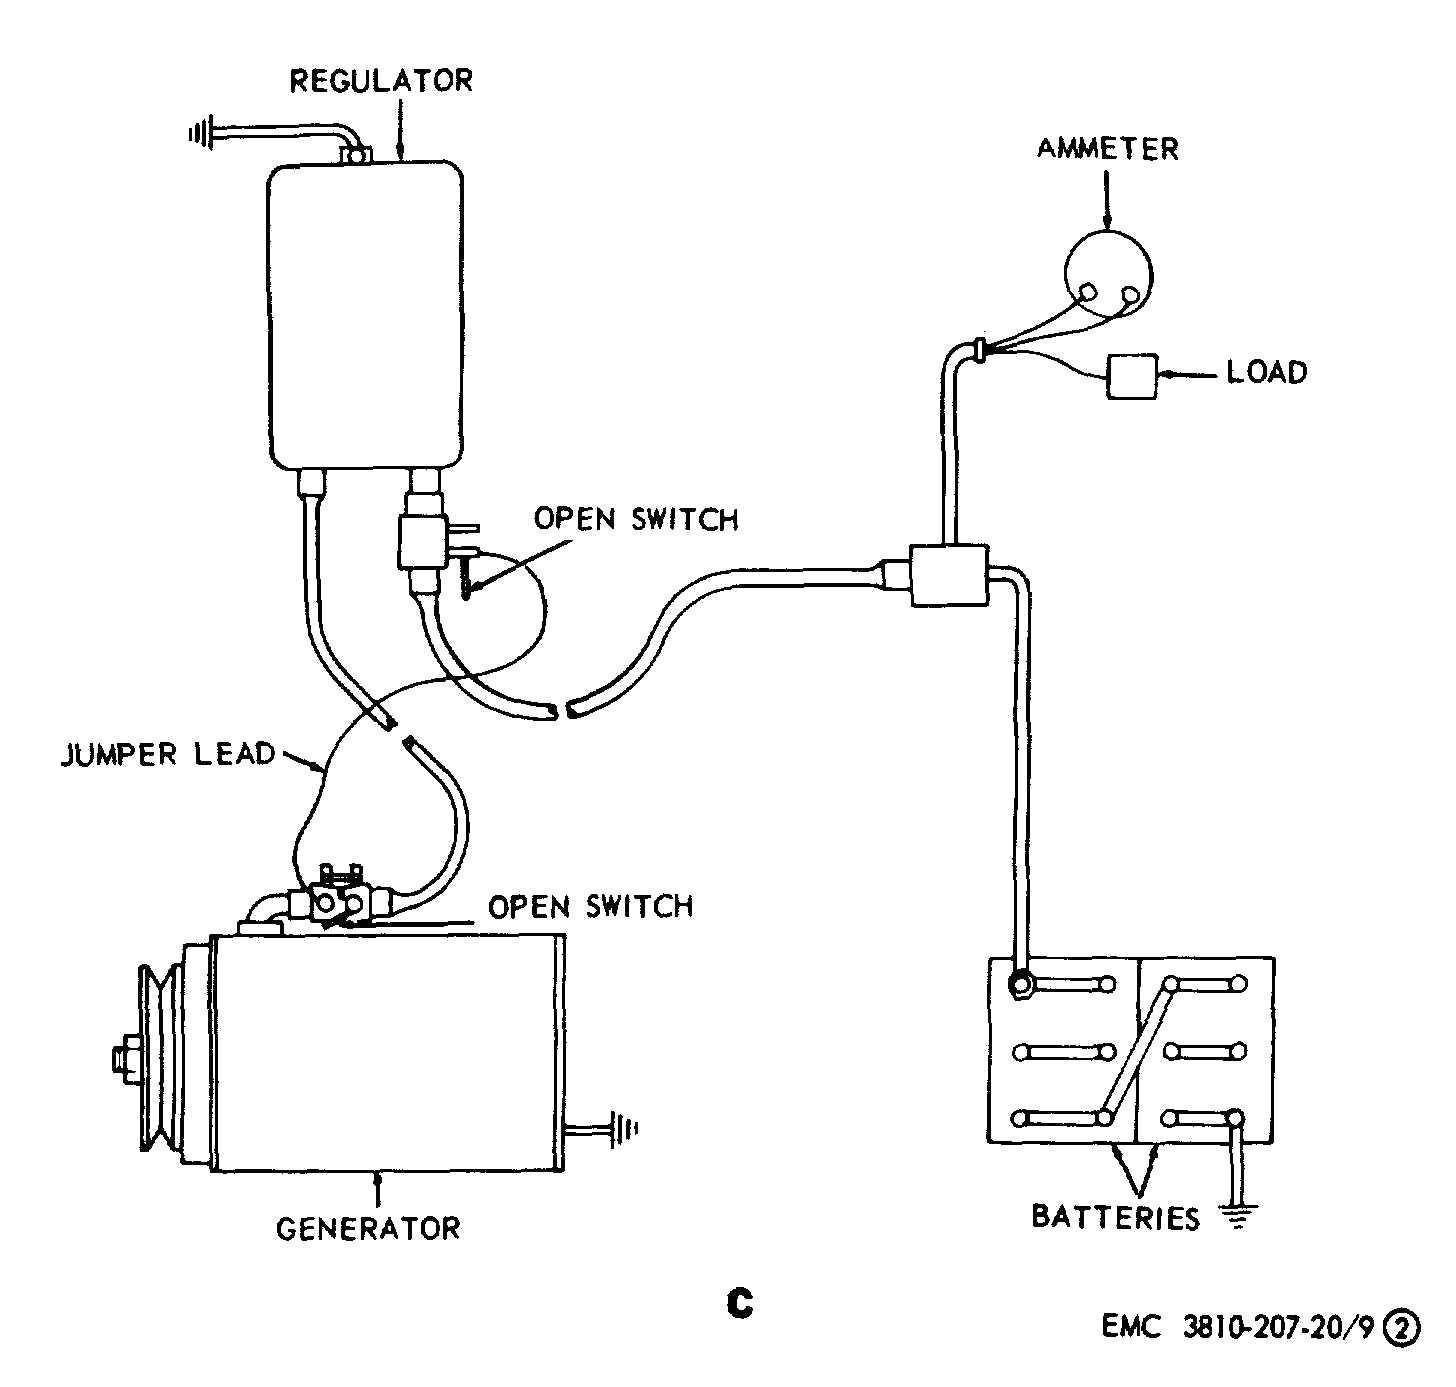 12 Volt Generator Voltage Regulator Wiring Diagram 12 Volt Generator Voltage Regulator Wiring Diagram Best Of 12v Dc